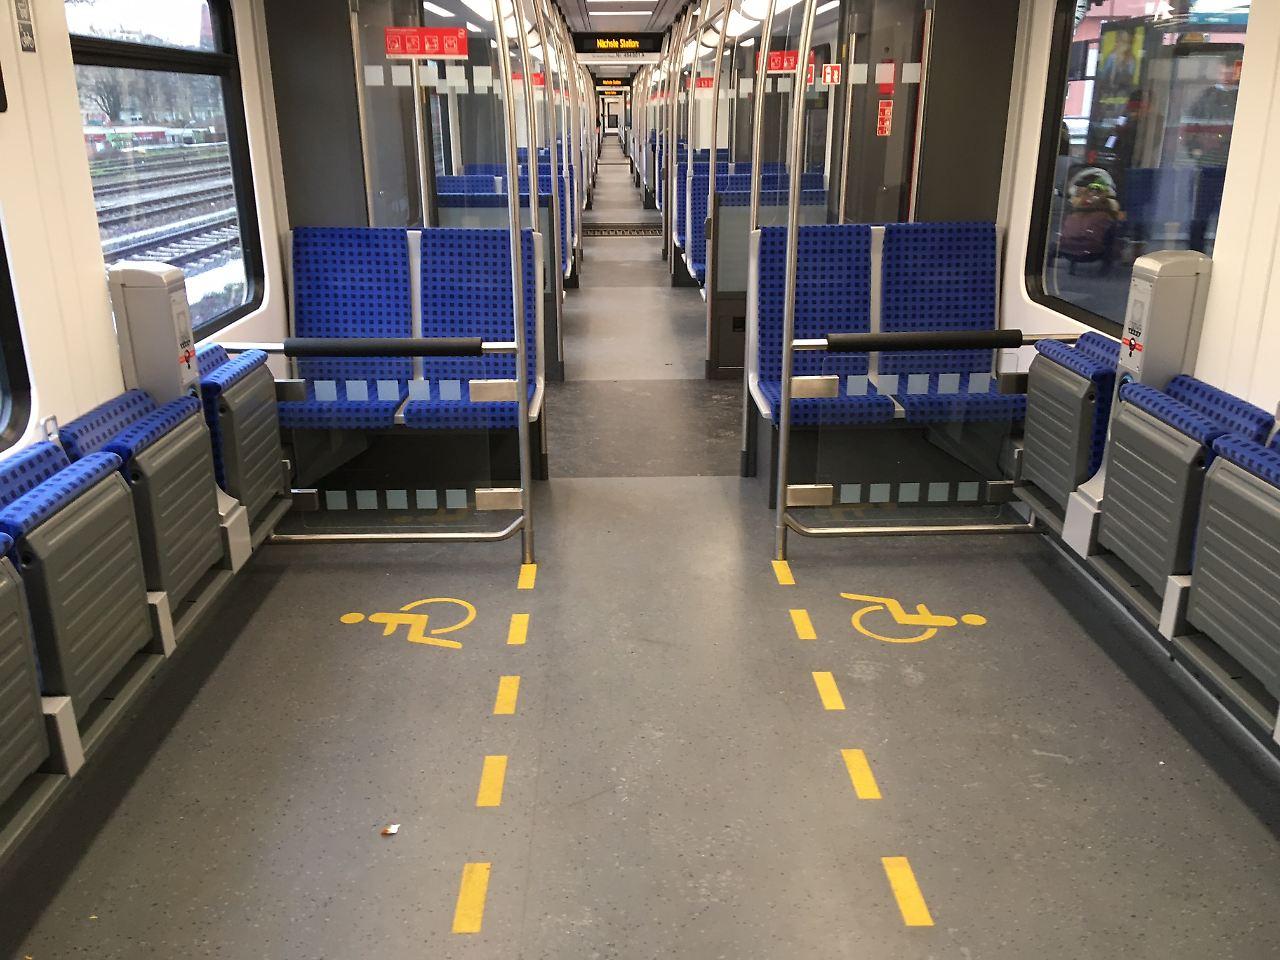 Erster S-Bahn-Zug der neuen Baureihe in Berlin gestartet